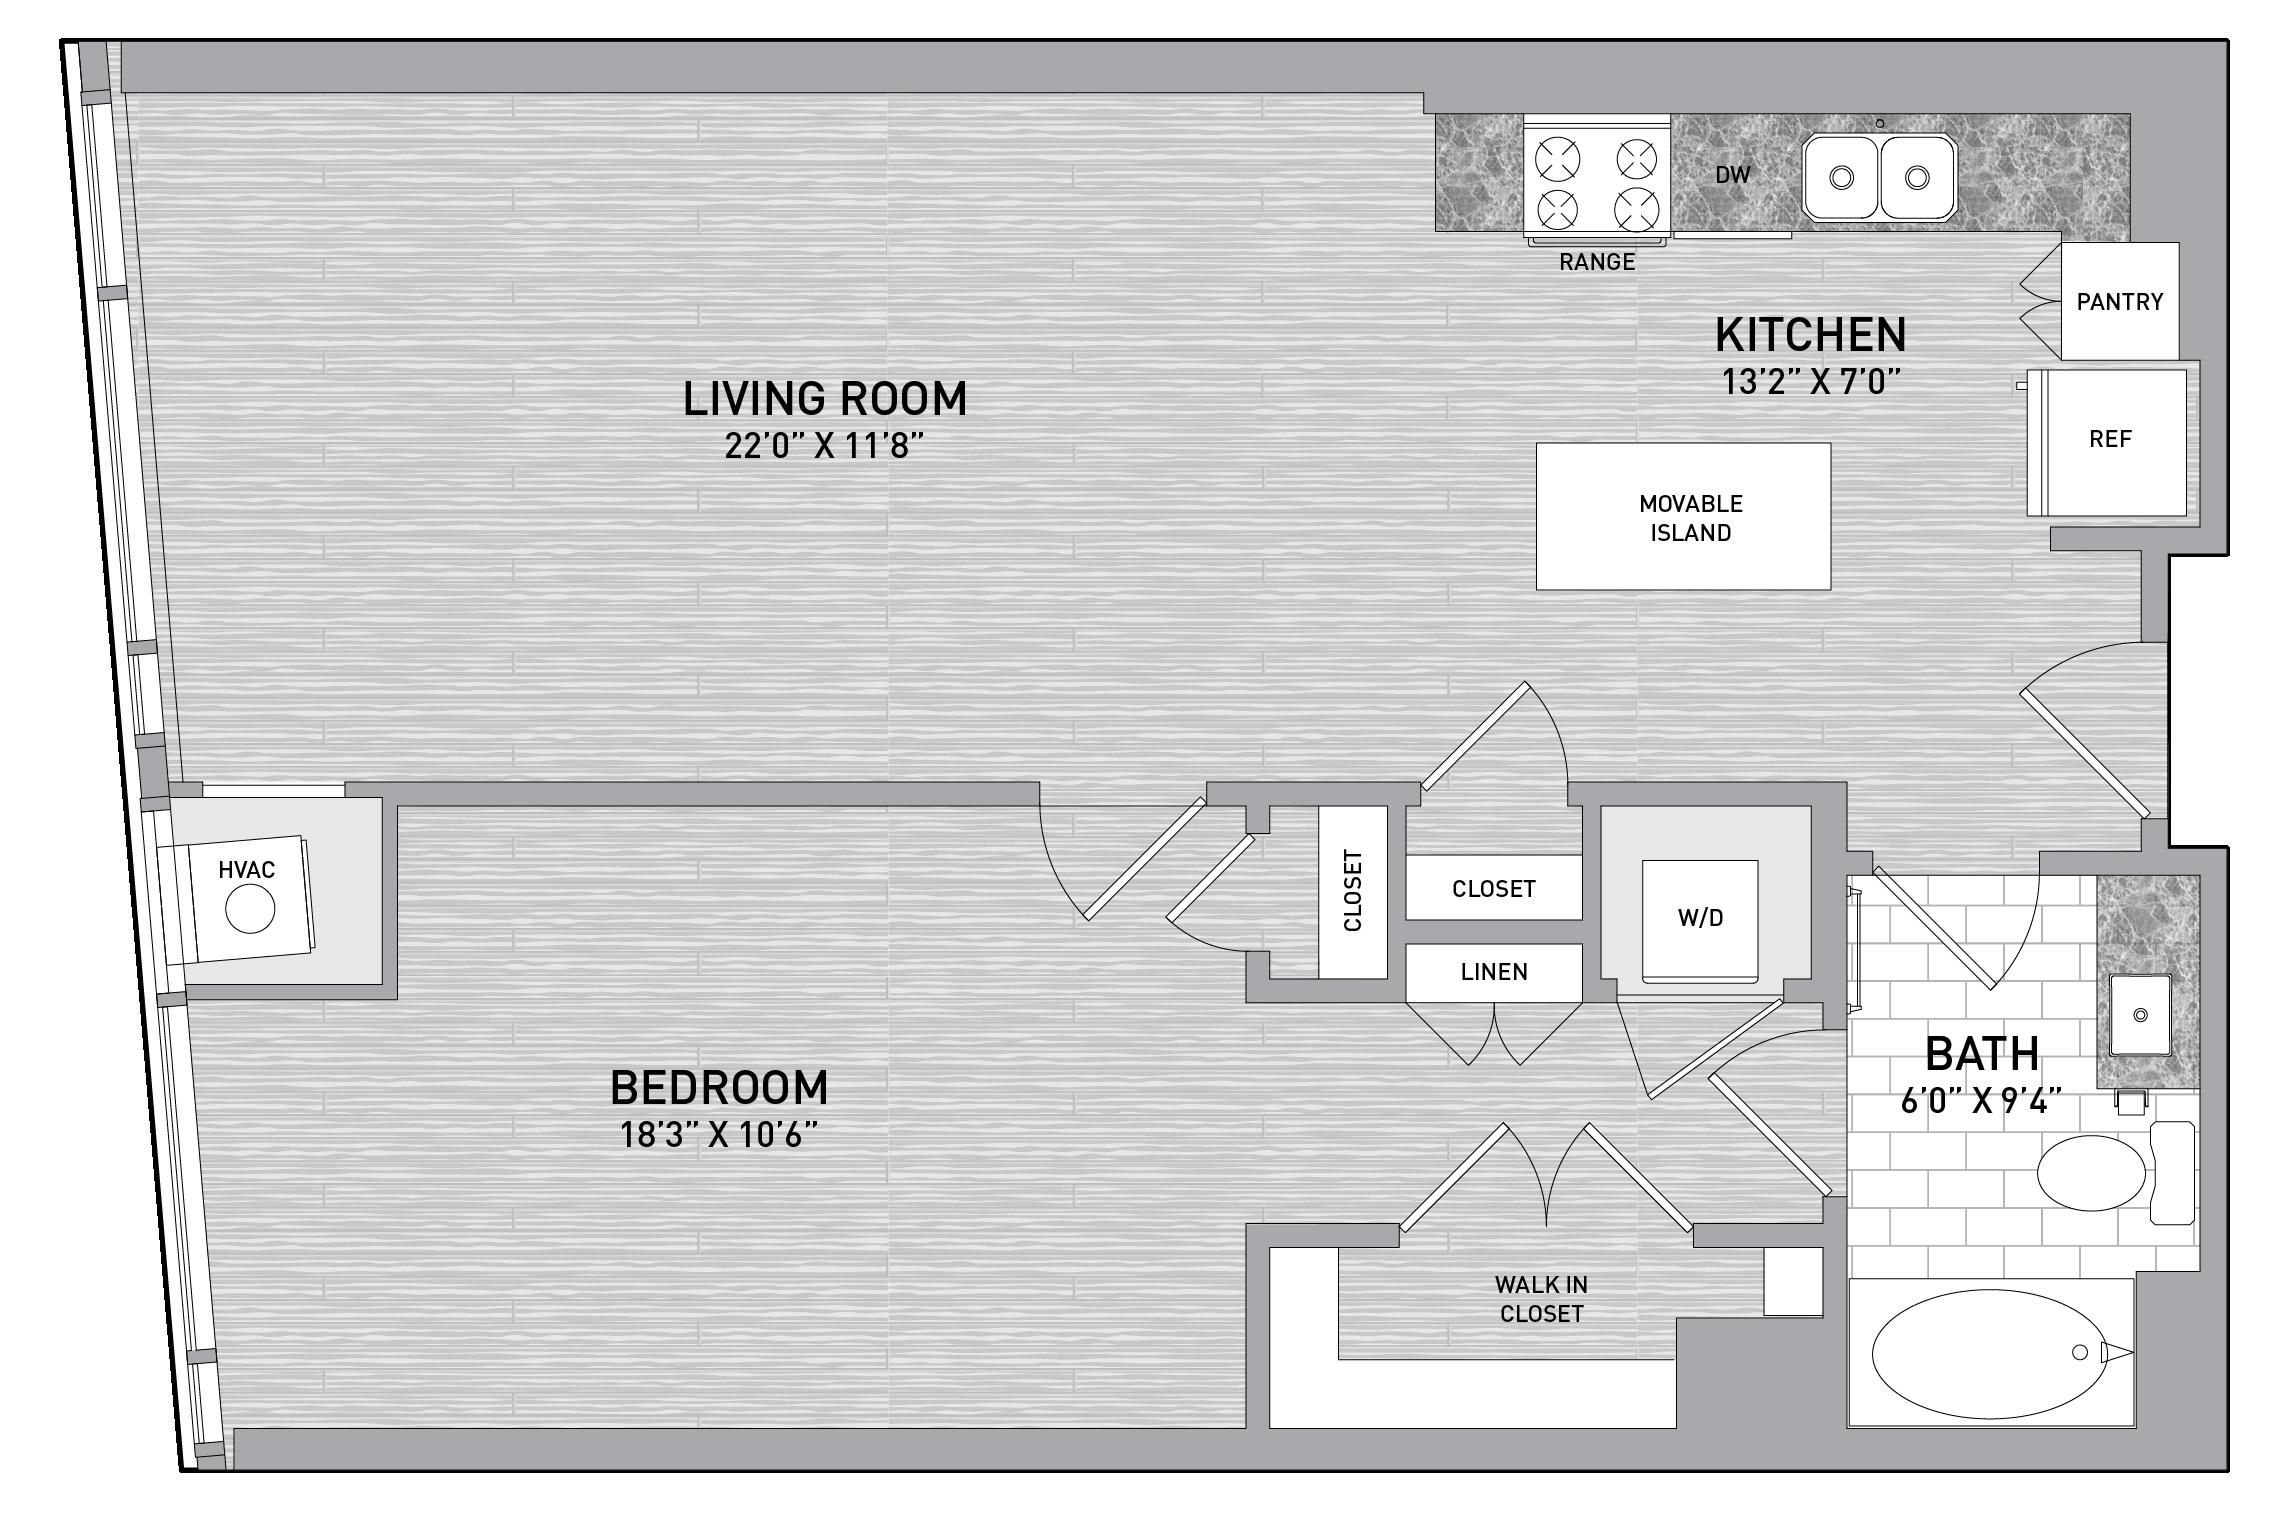 floorplan image of unit id 0426